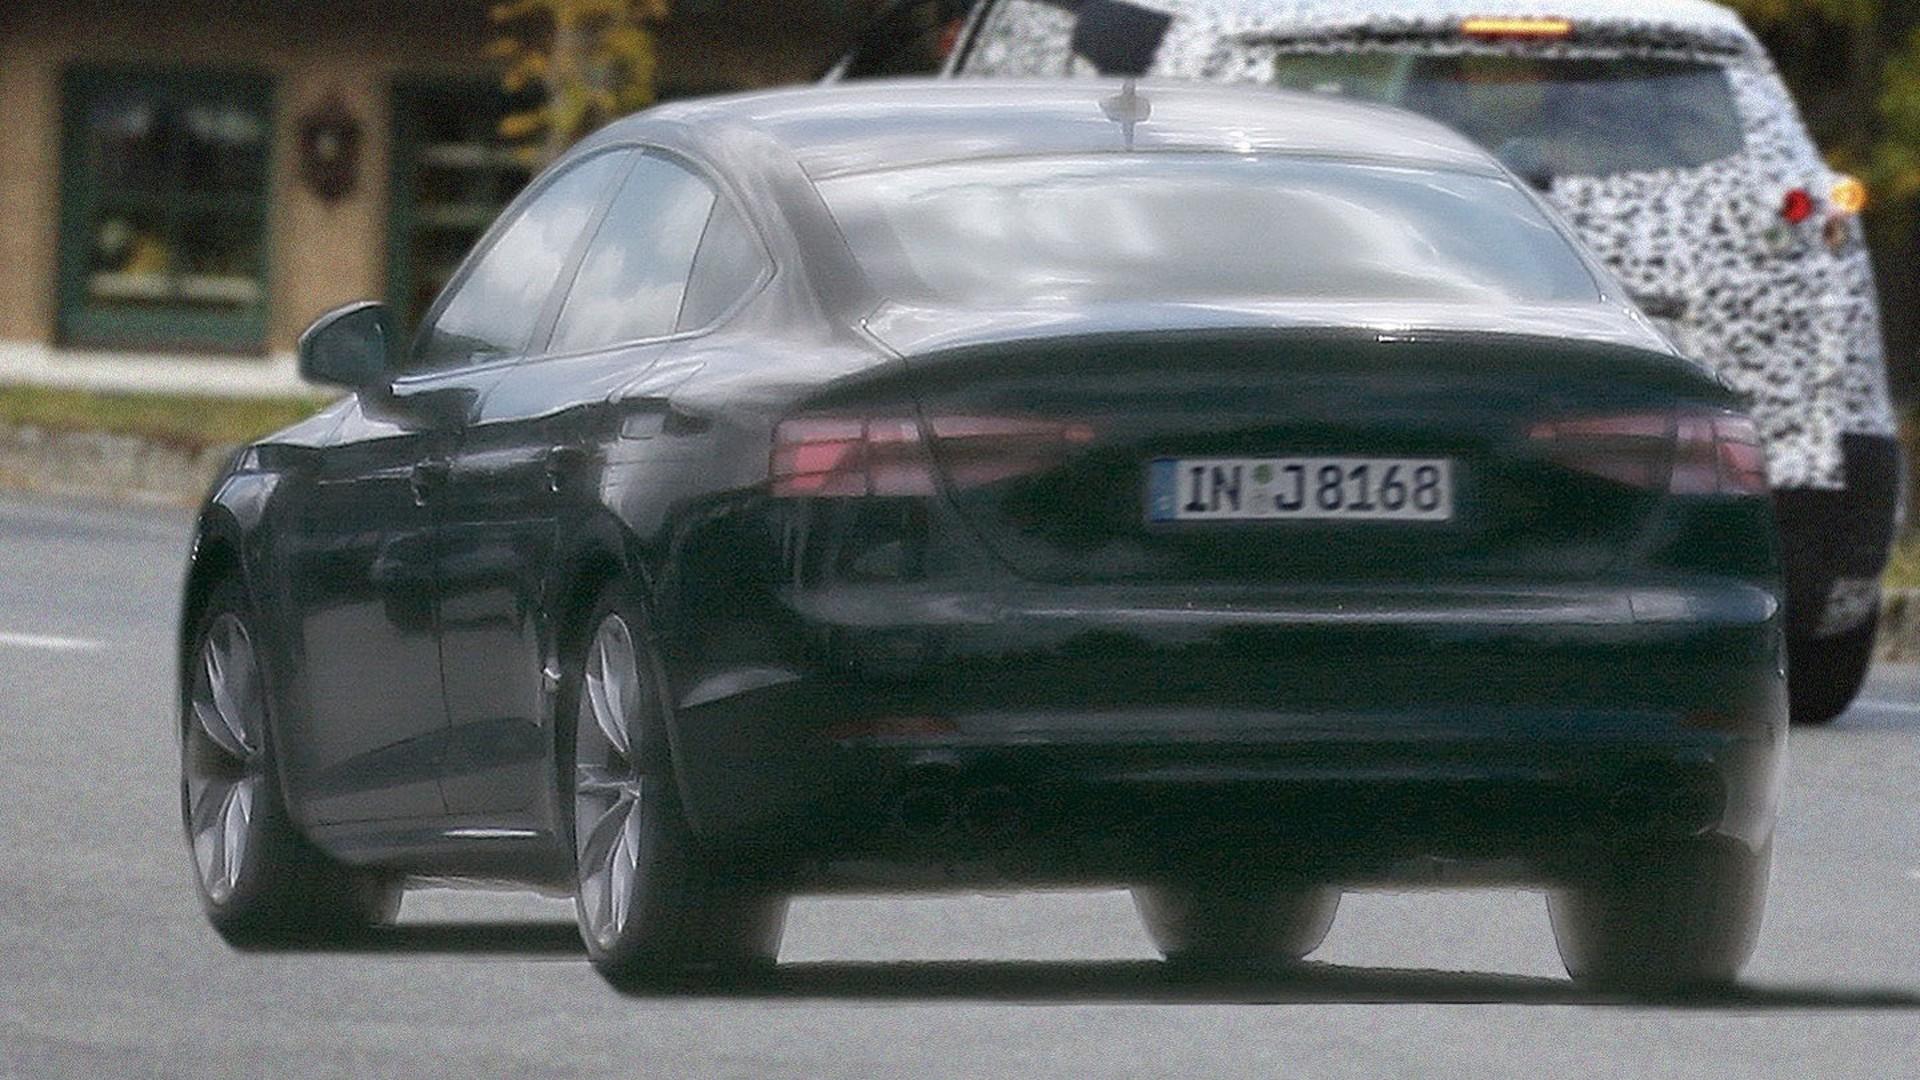 2017 Audi A4 Sedan Spy Photos News Car And Driver | Autos Post